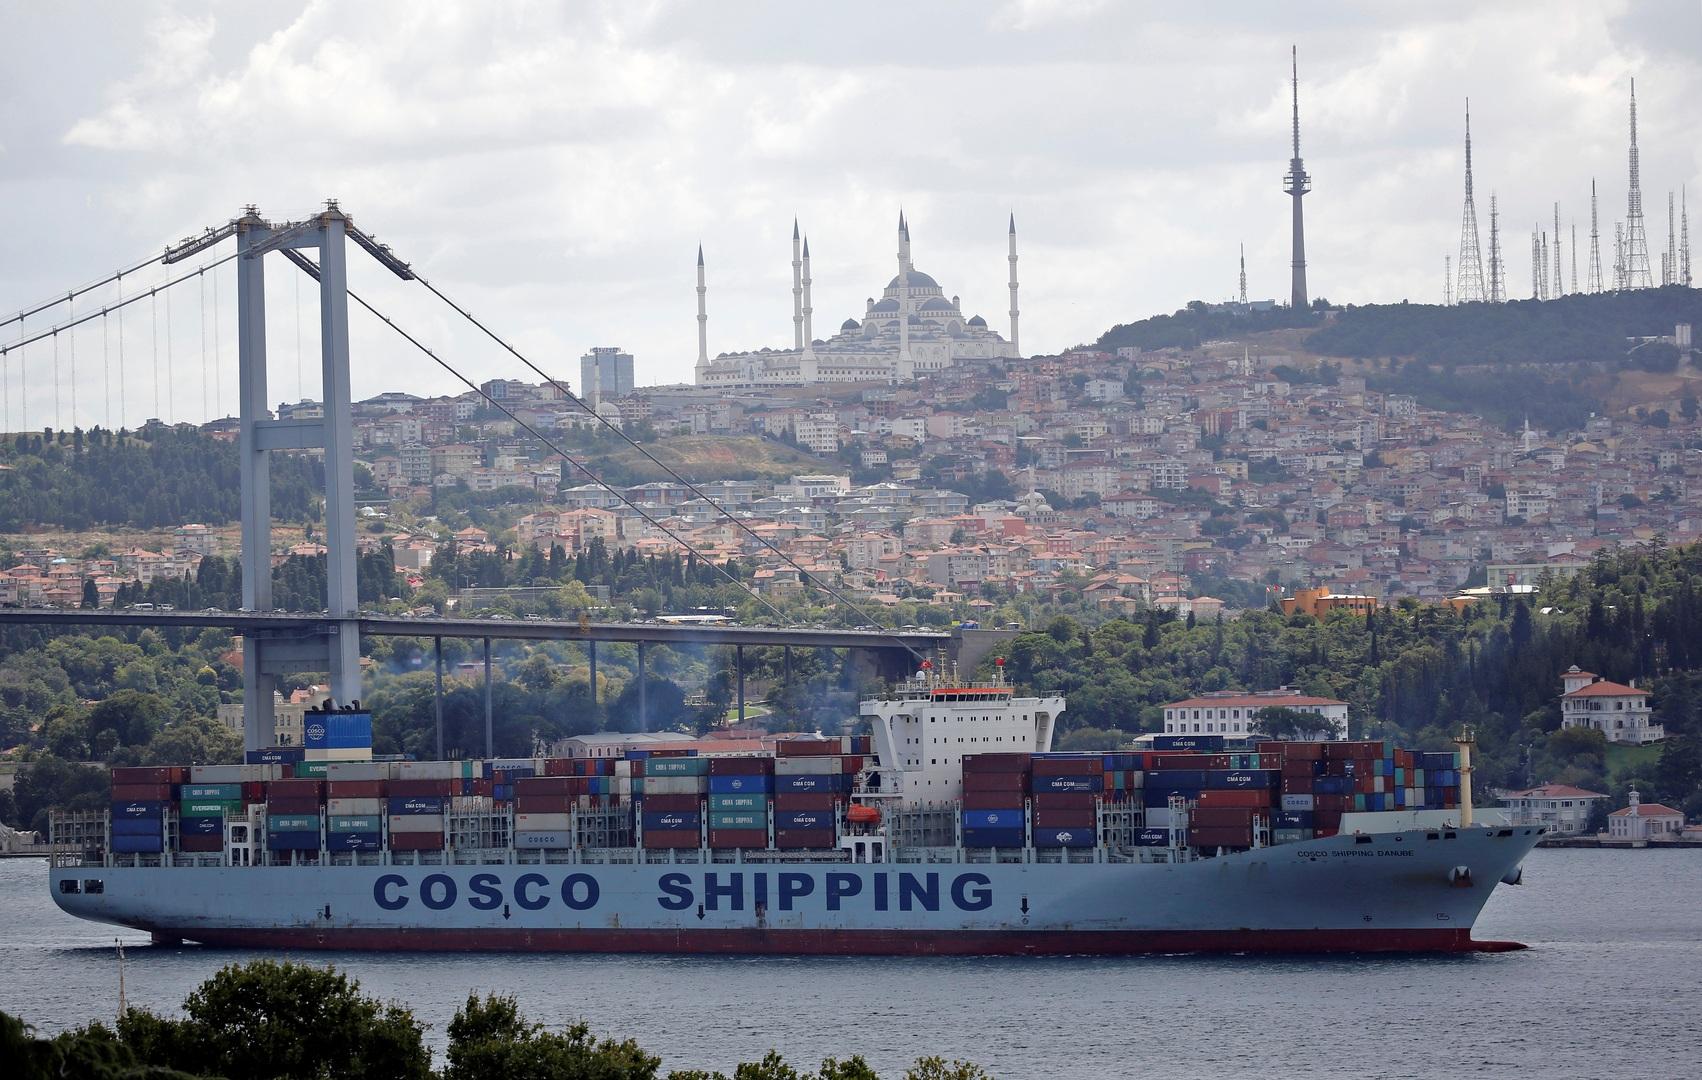 بالأرقام.. ارتفاع الصادرات التركية إلى العالم العربي